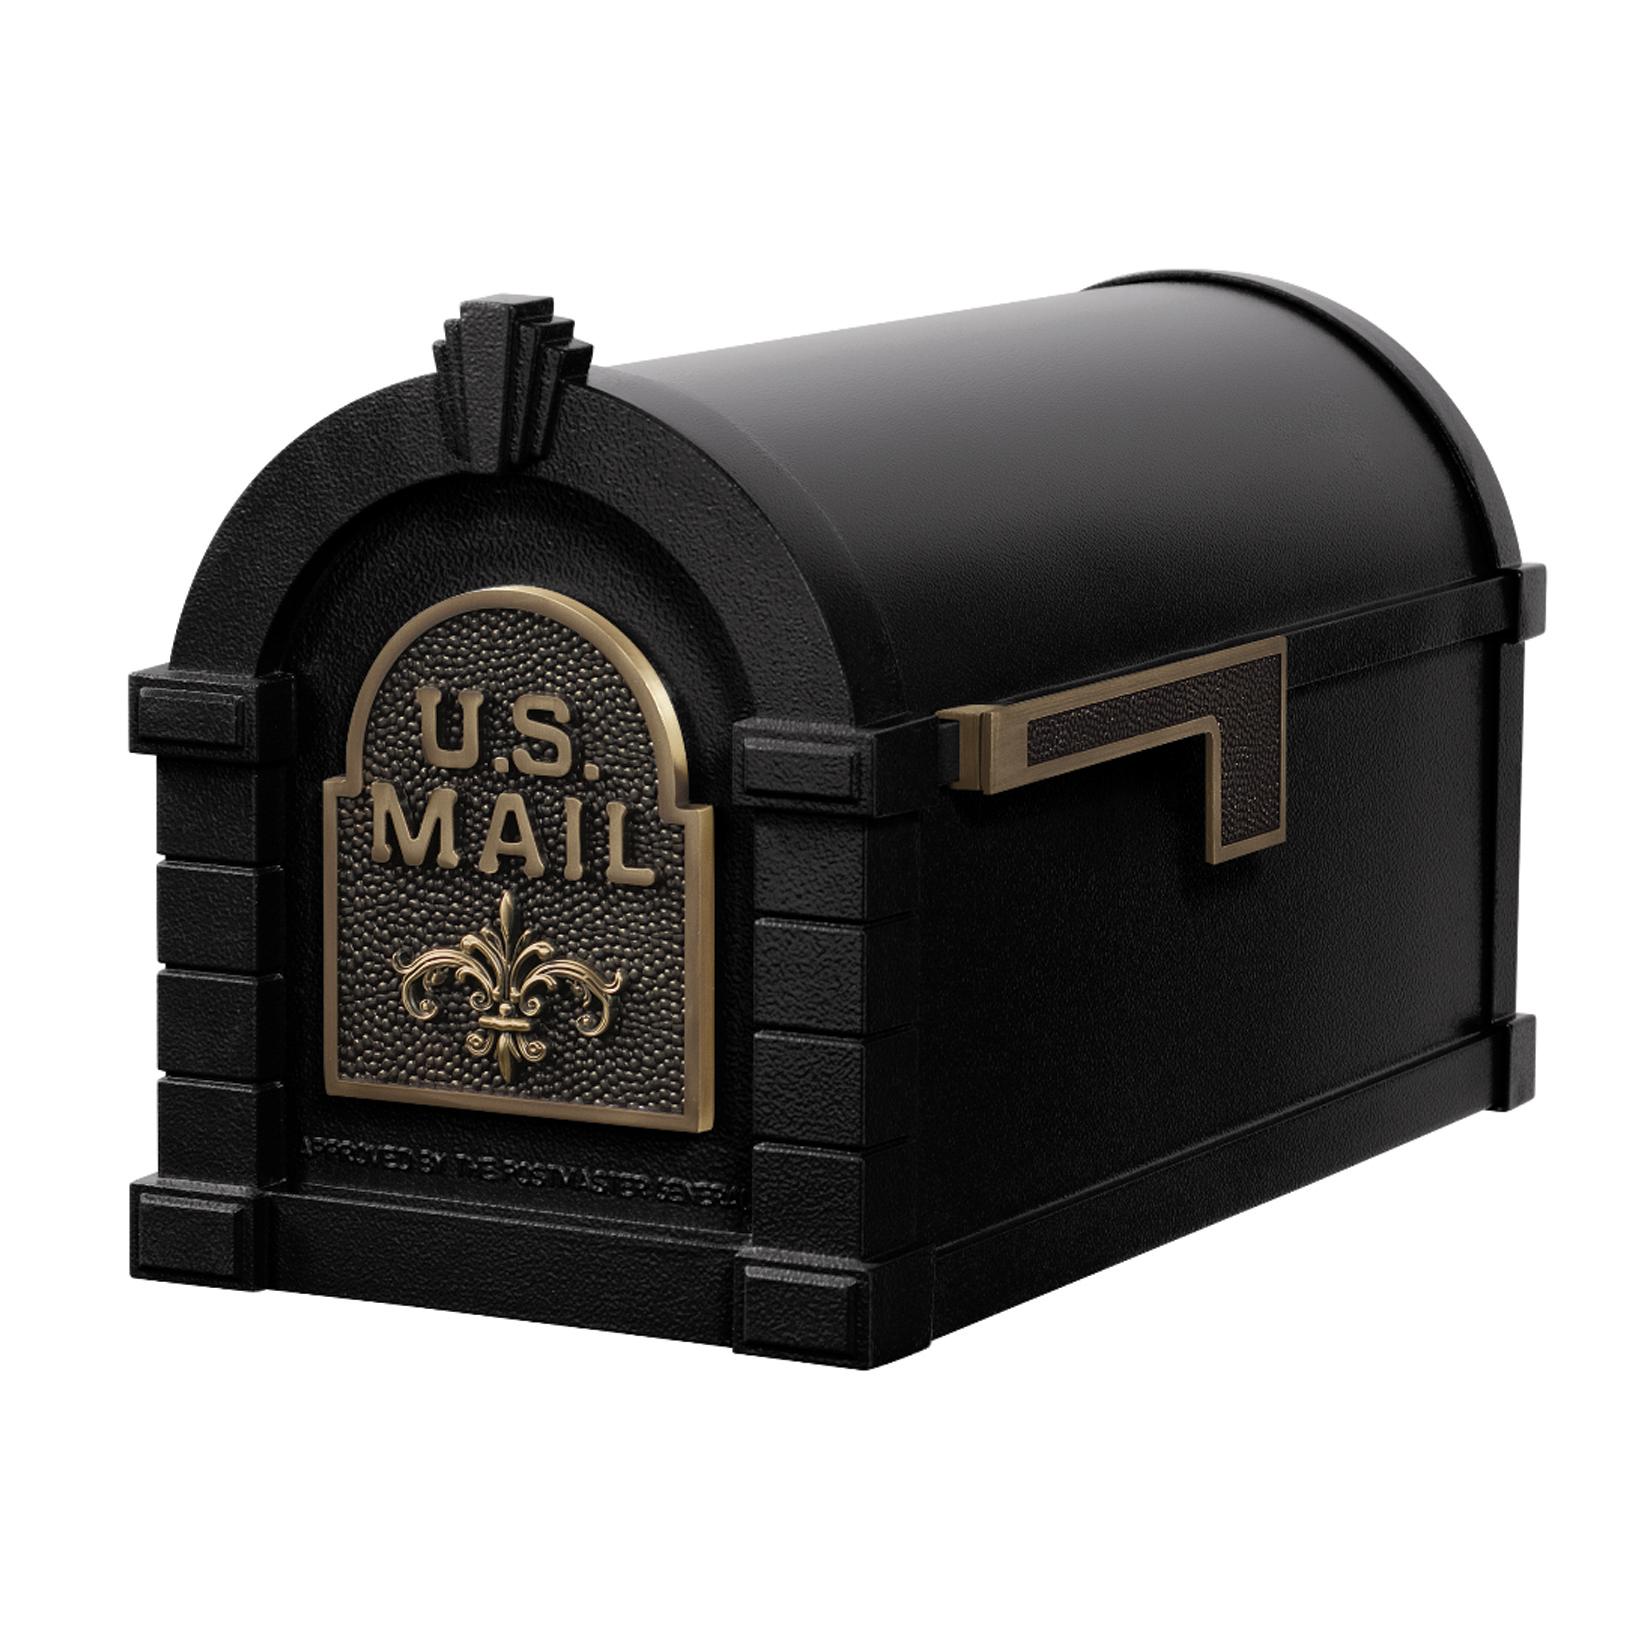 Gaines Fleur De Lis Keystone Mailboxes - Black with Antique Bronze